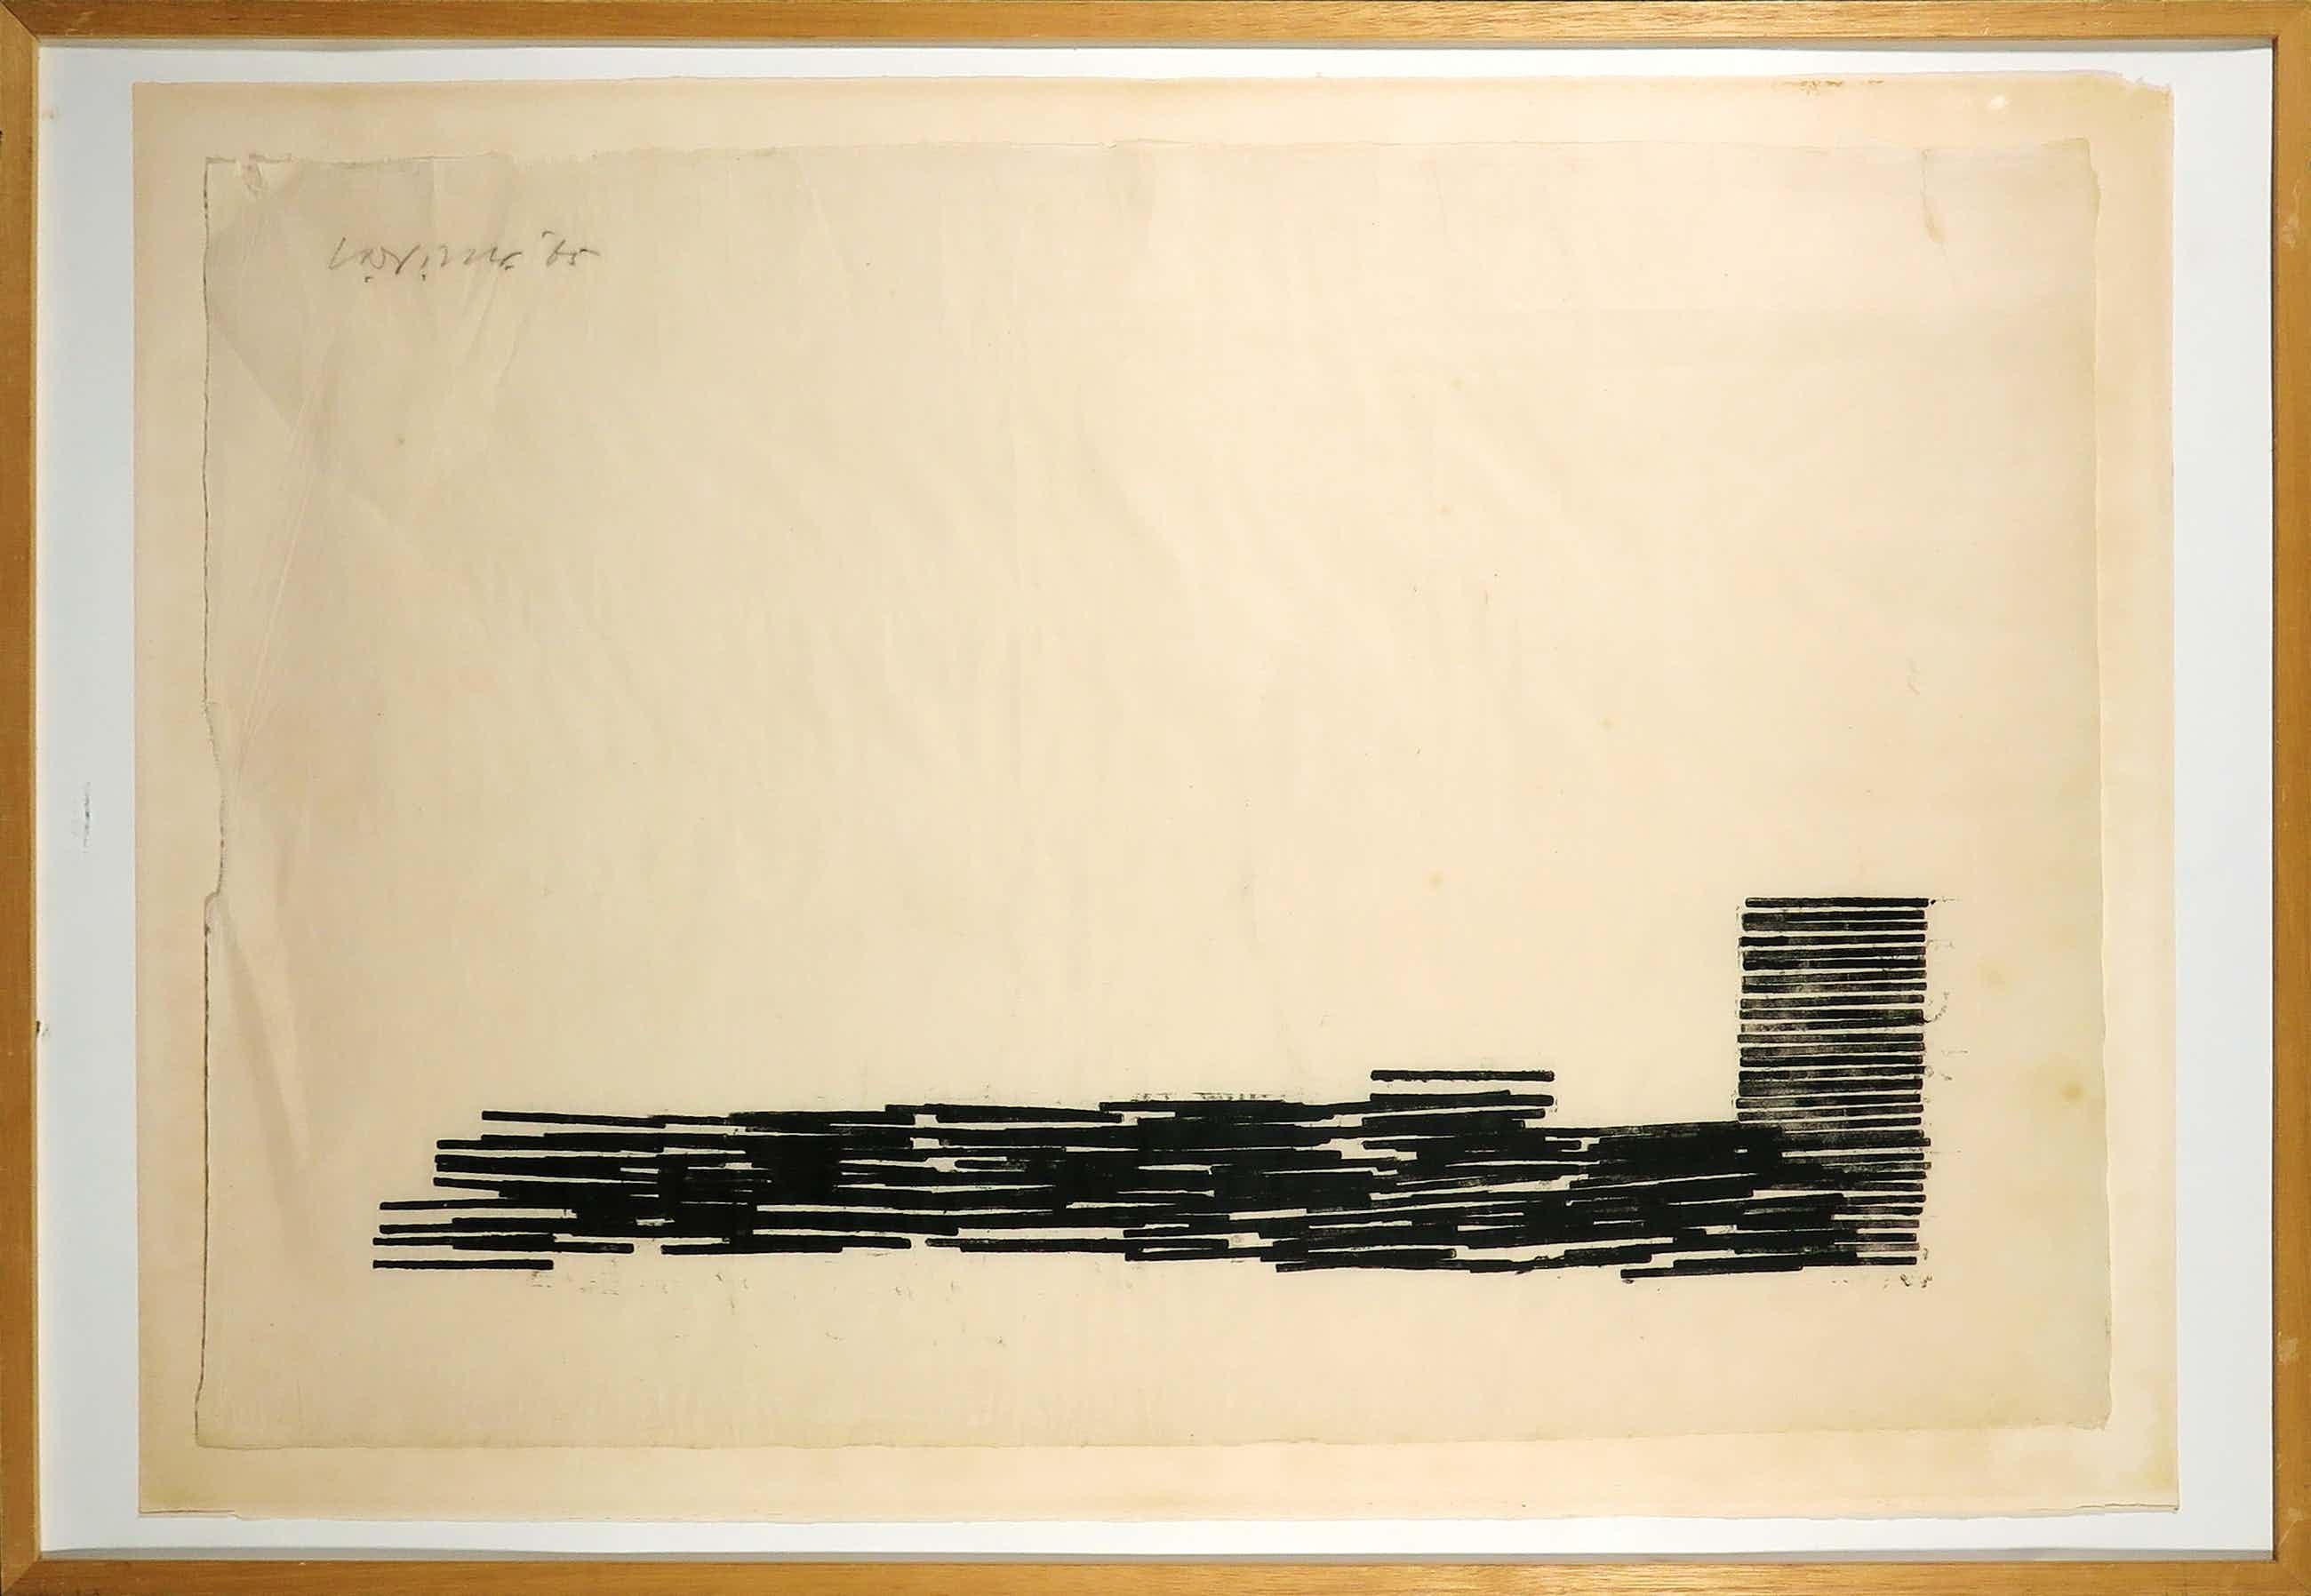 Carel Visser - Houtsnede monotype op Japans papier, Zonder titel - Ingelijst (Groot) kopen? Bied vanaf 340!